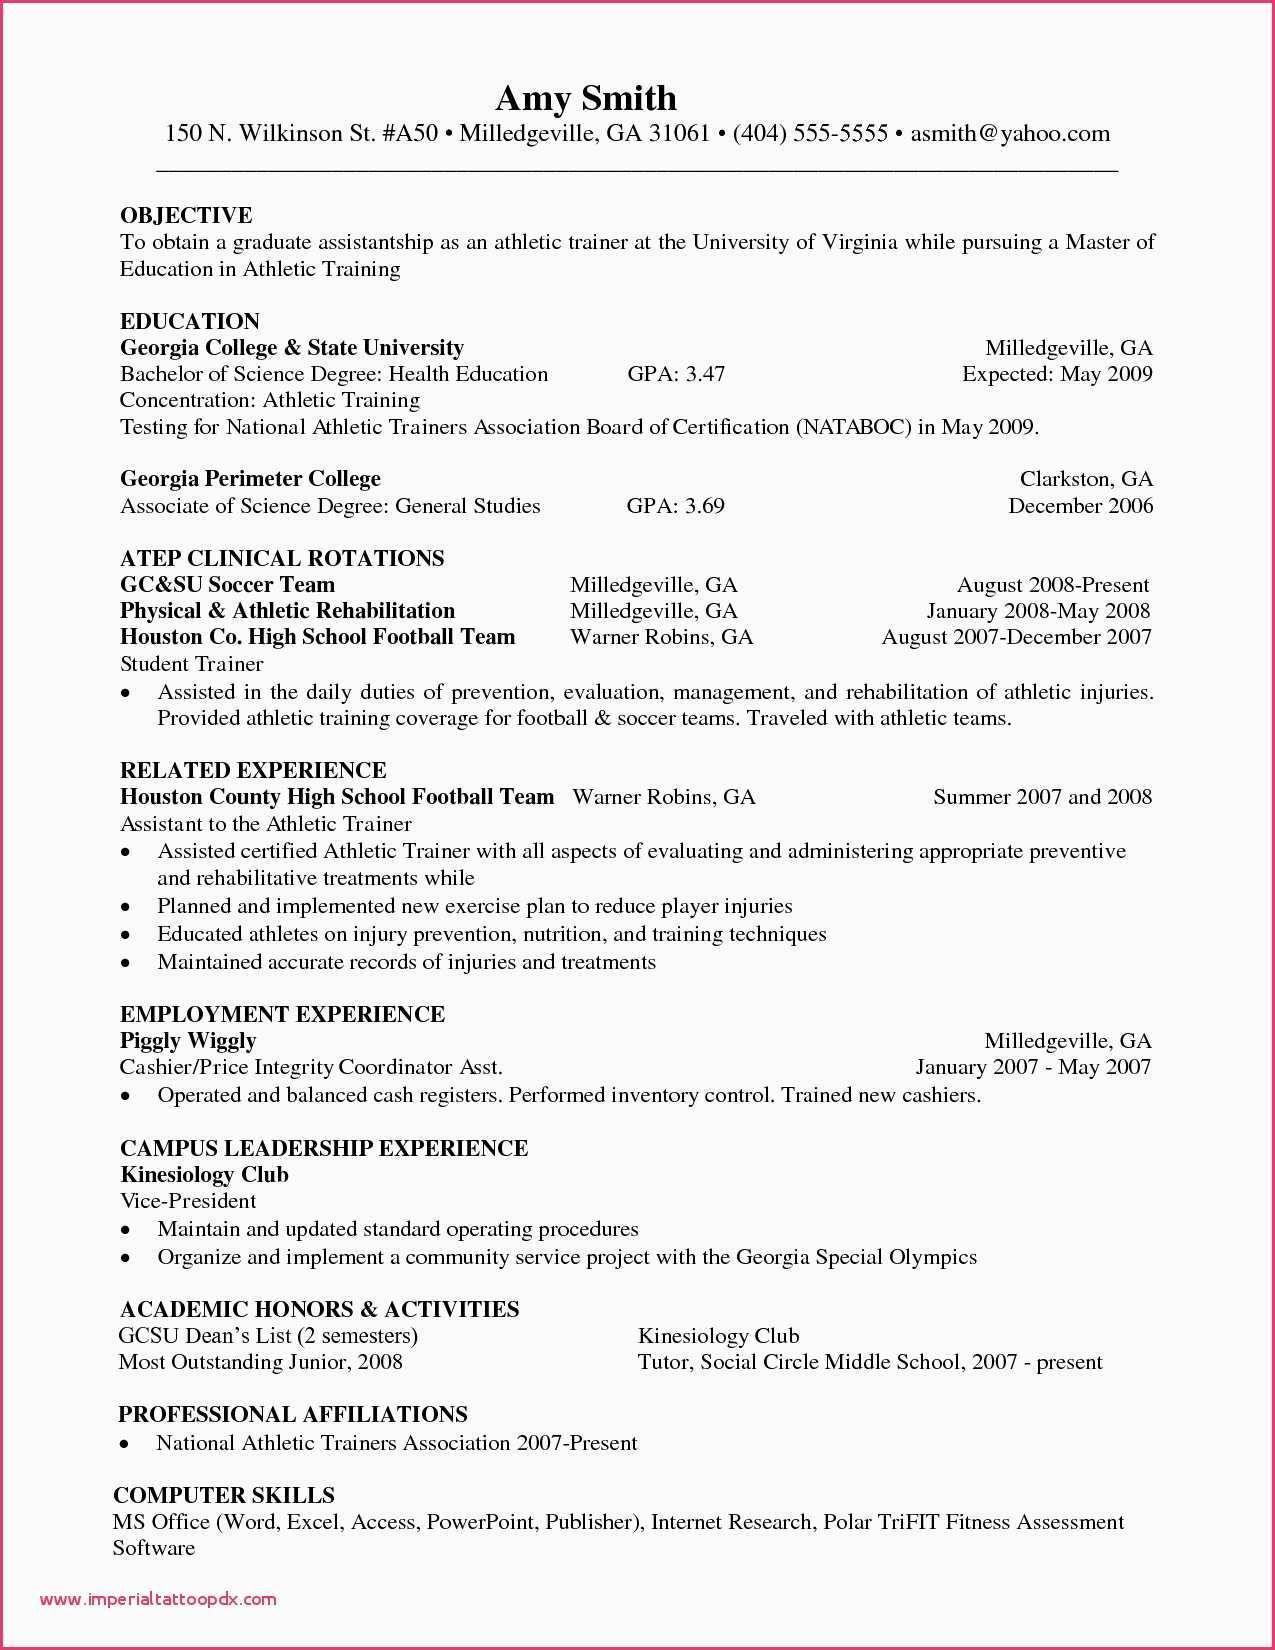 73 Elegant Images Of Sample Resume With Job Description For Cashier Check More At Https Www Ourpetscrawley Com 73 Elegant Images Of Sample Resume With Job Des